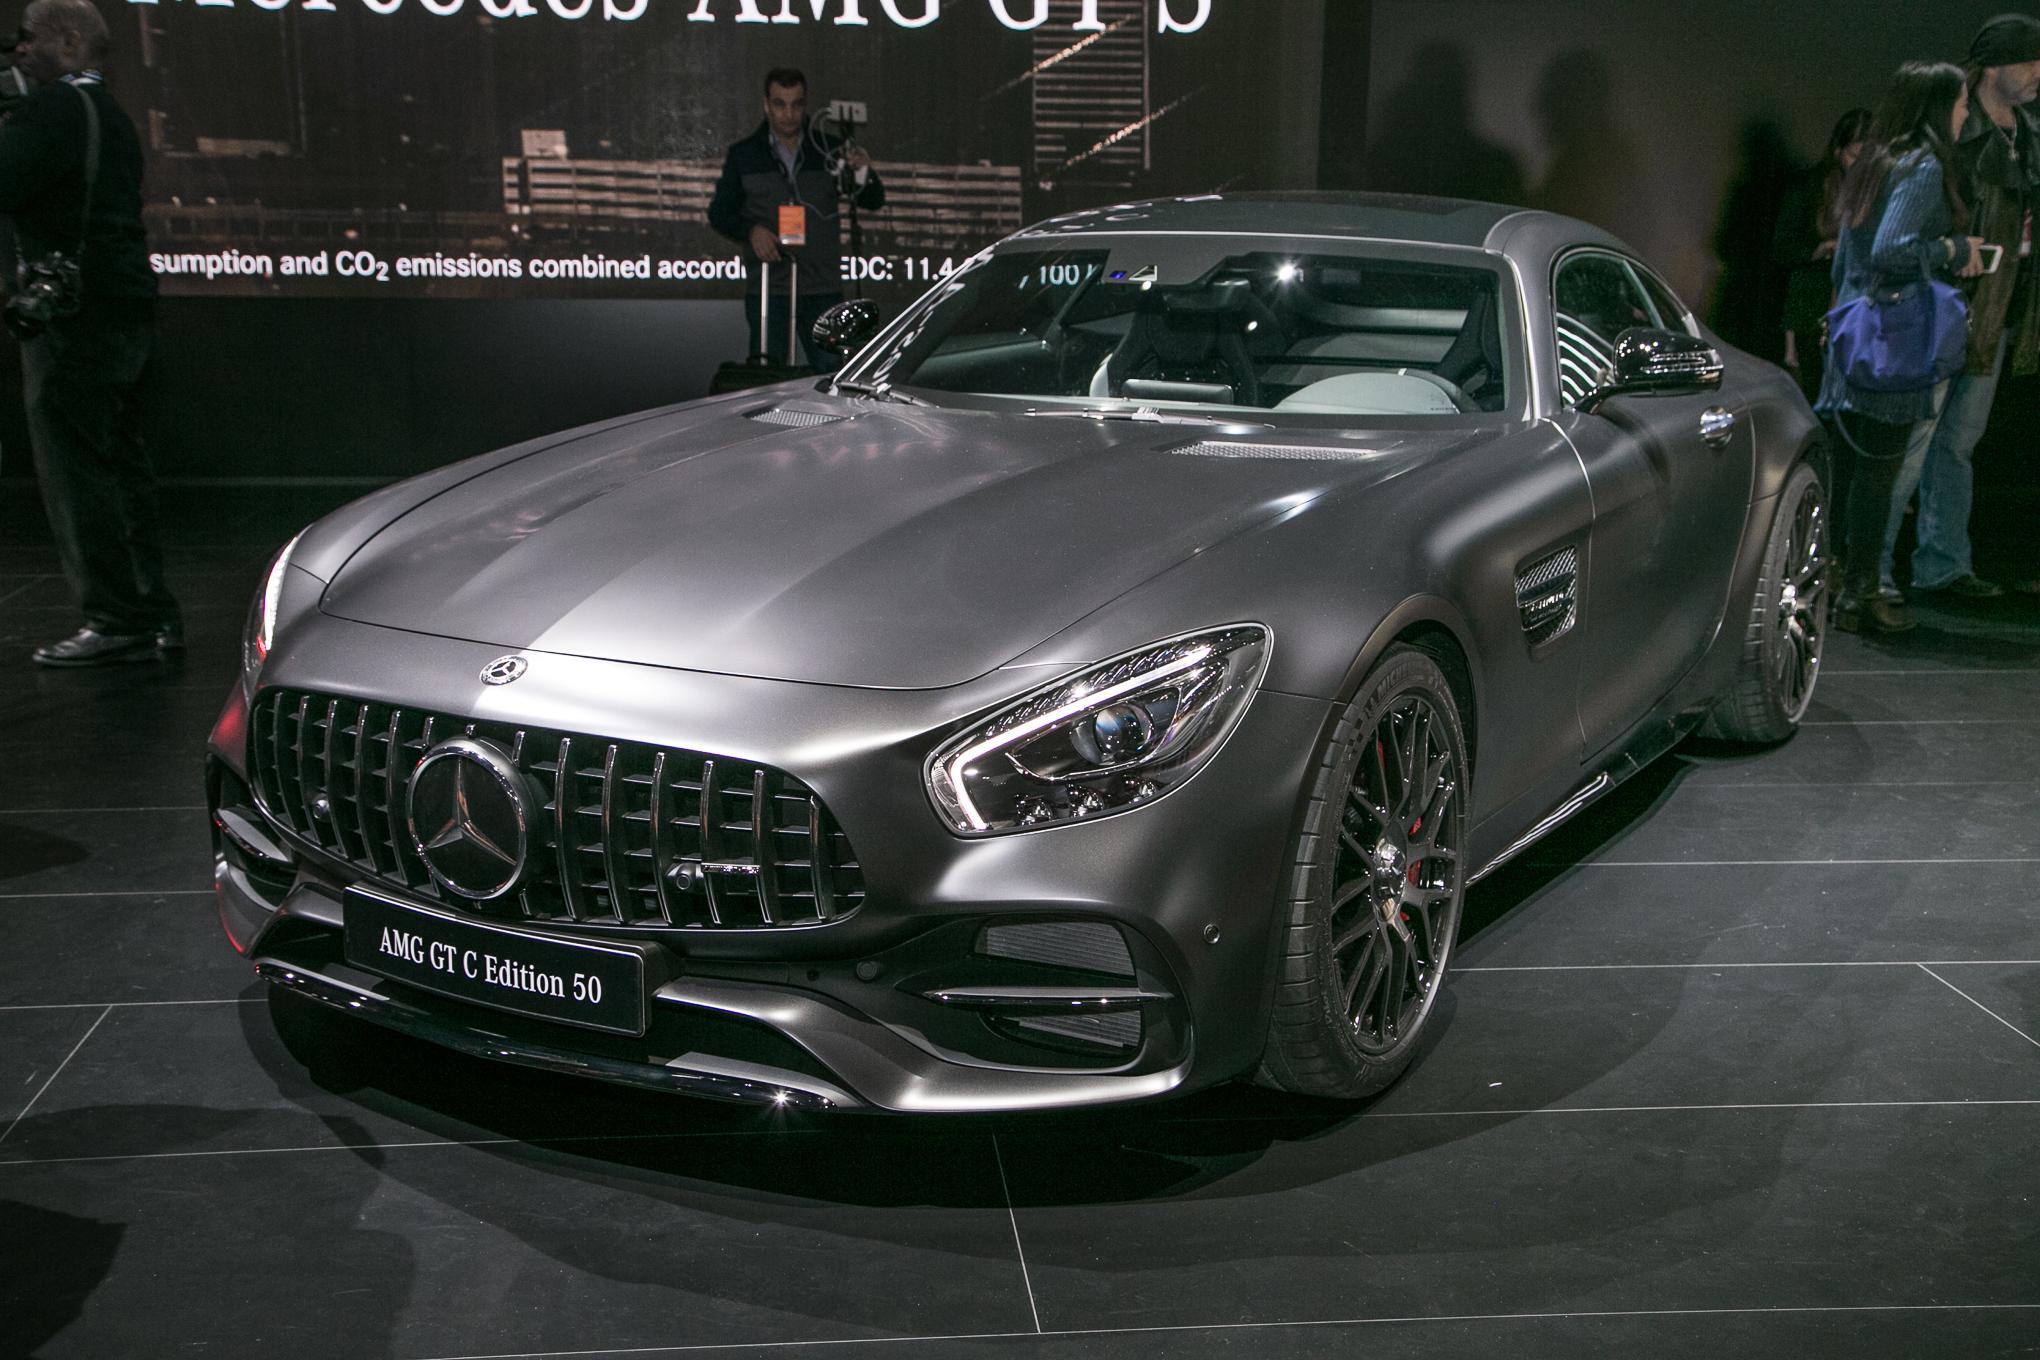 Exclusividad y potencia para el Mercedes AMG GT C Edición 50, en su cumpleaños, para cien afortunados.